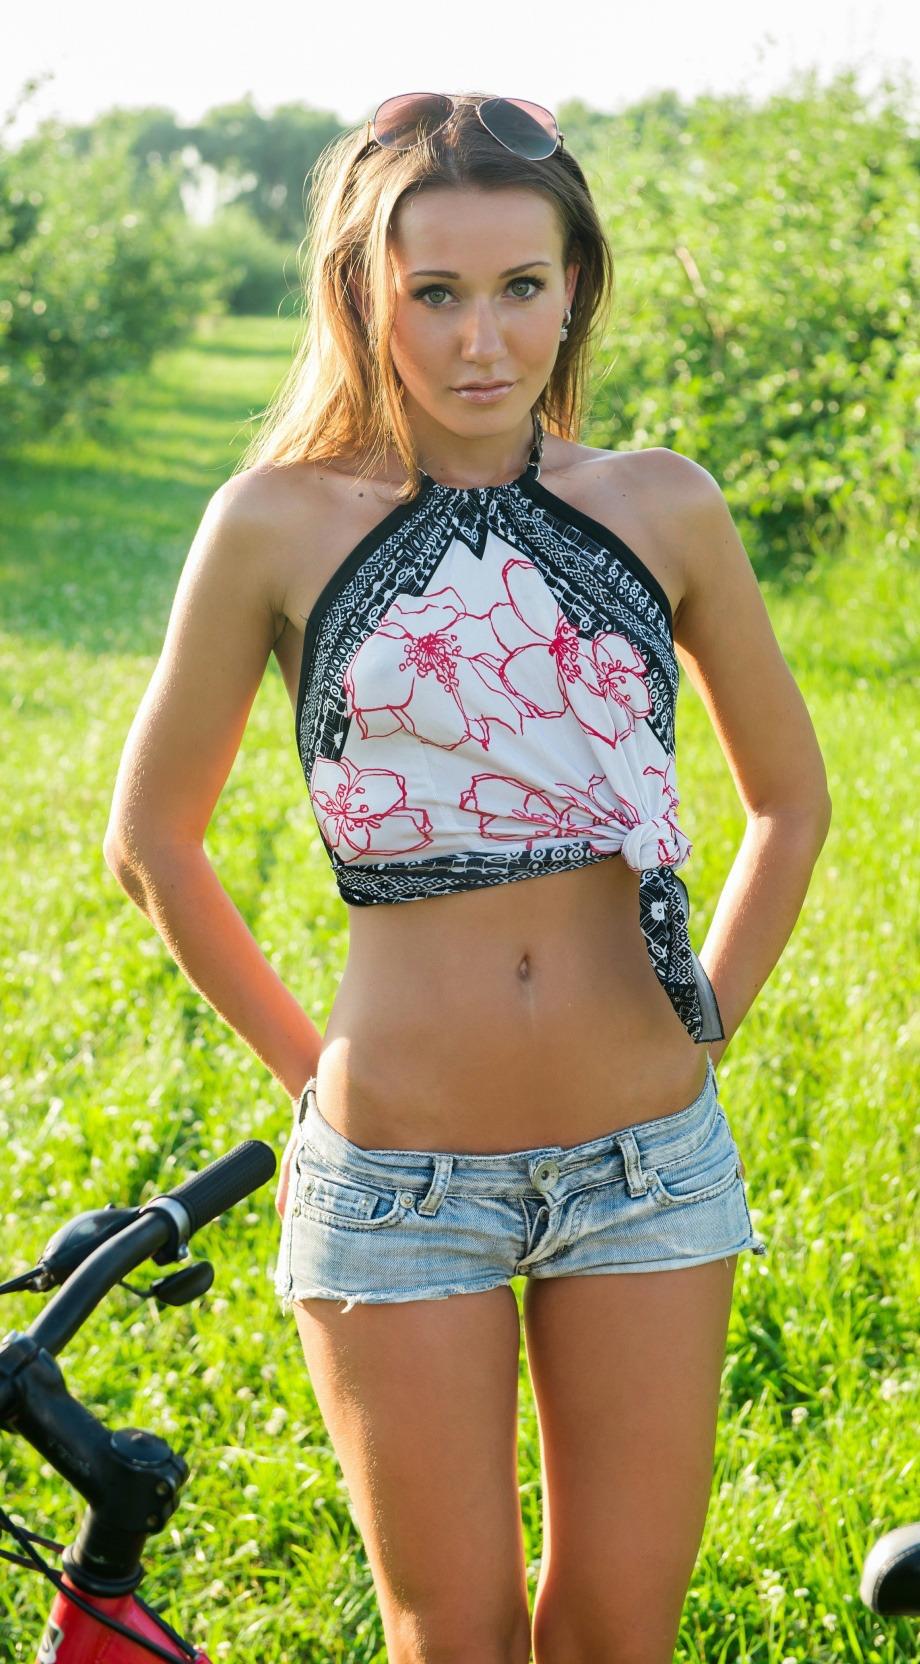 Mädchen Ebenholz-Muschi der Kamera vor bekommt Süßes gefickt enge ihre schwarzes photo 2